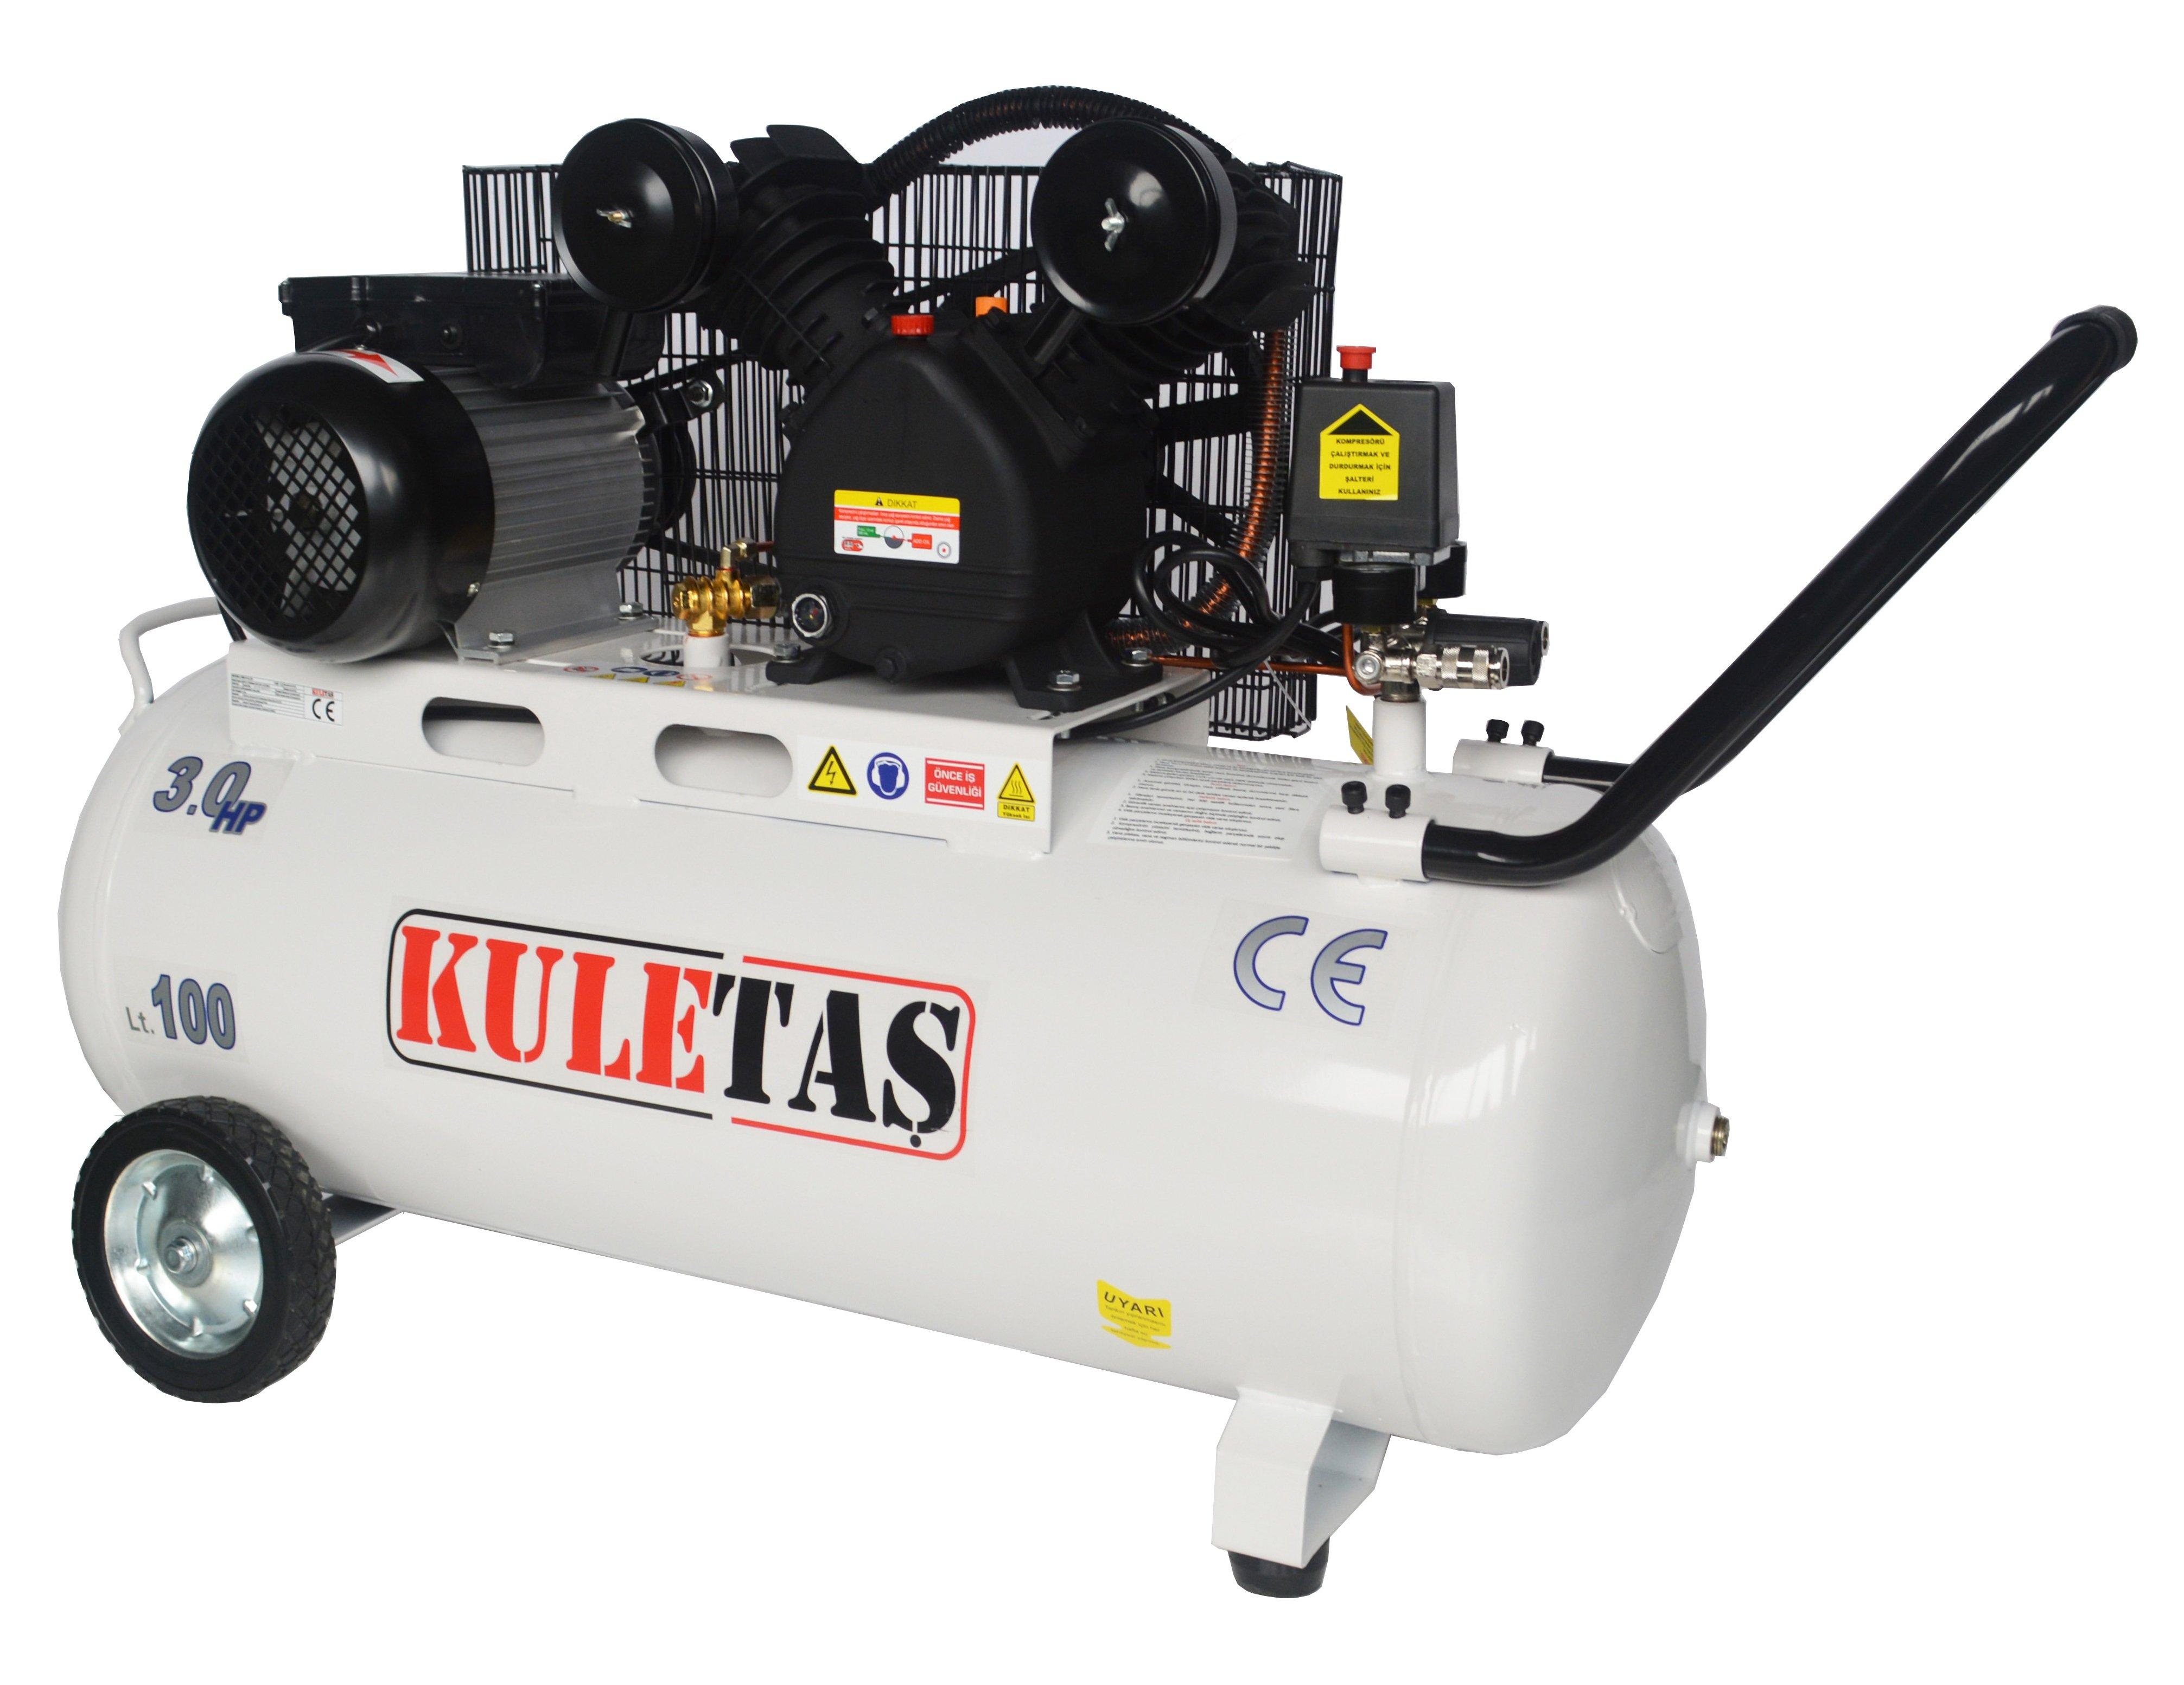 100 litre hava kompresörü, 100 litre kompresör, kompresör 100 litre